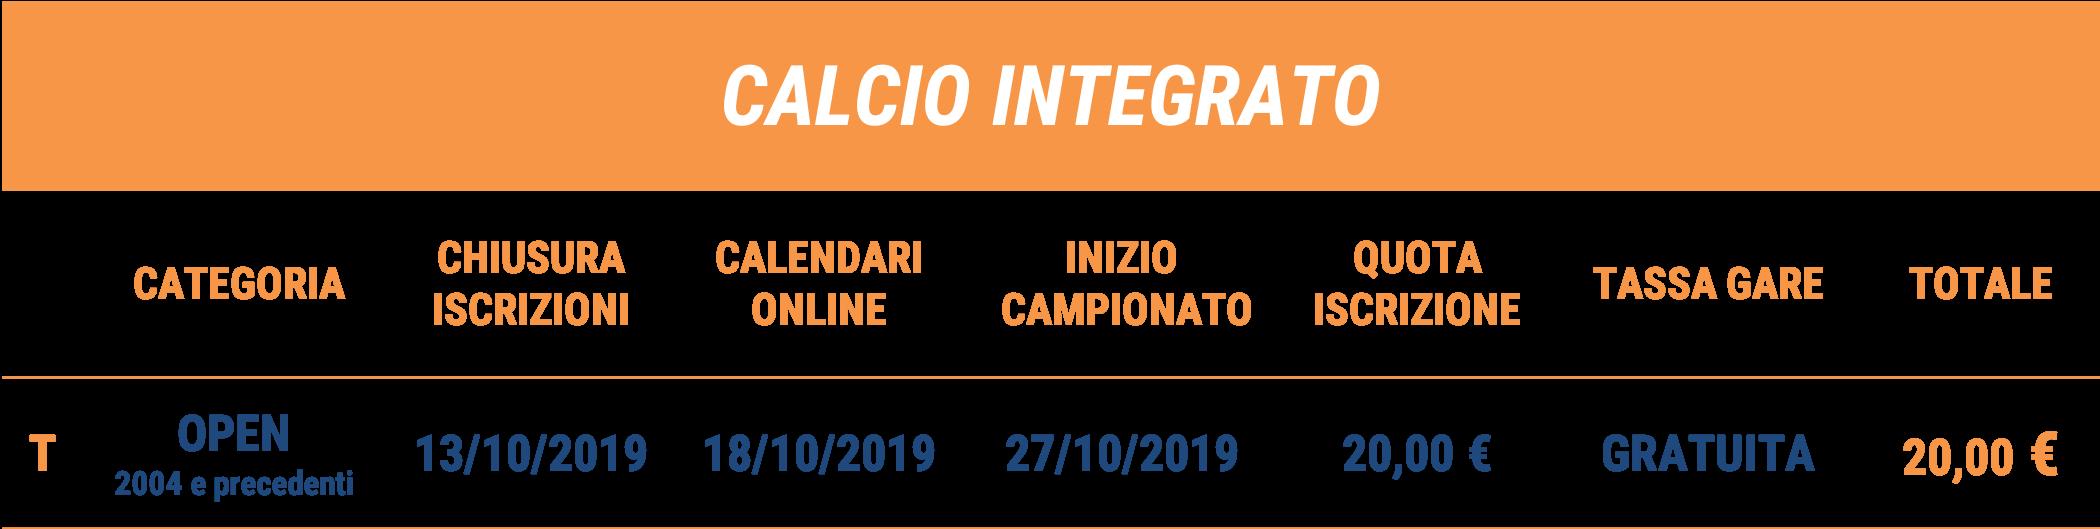 Calendario Csi Milano.Campionato Provinciale Calcio Integrato Calcio Integrato